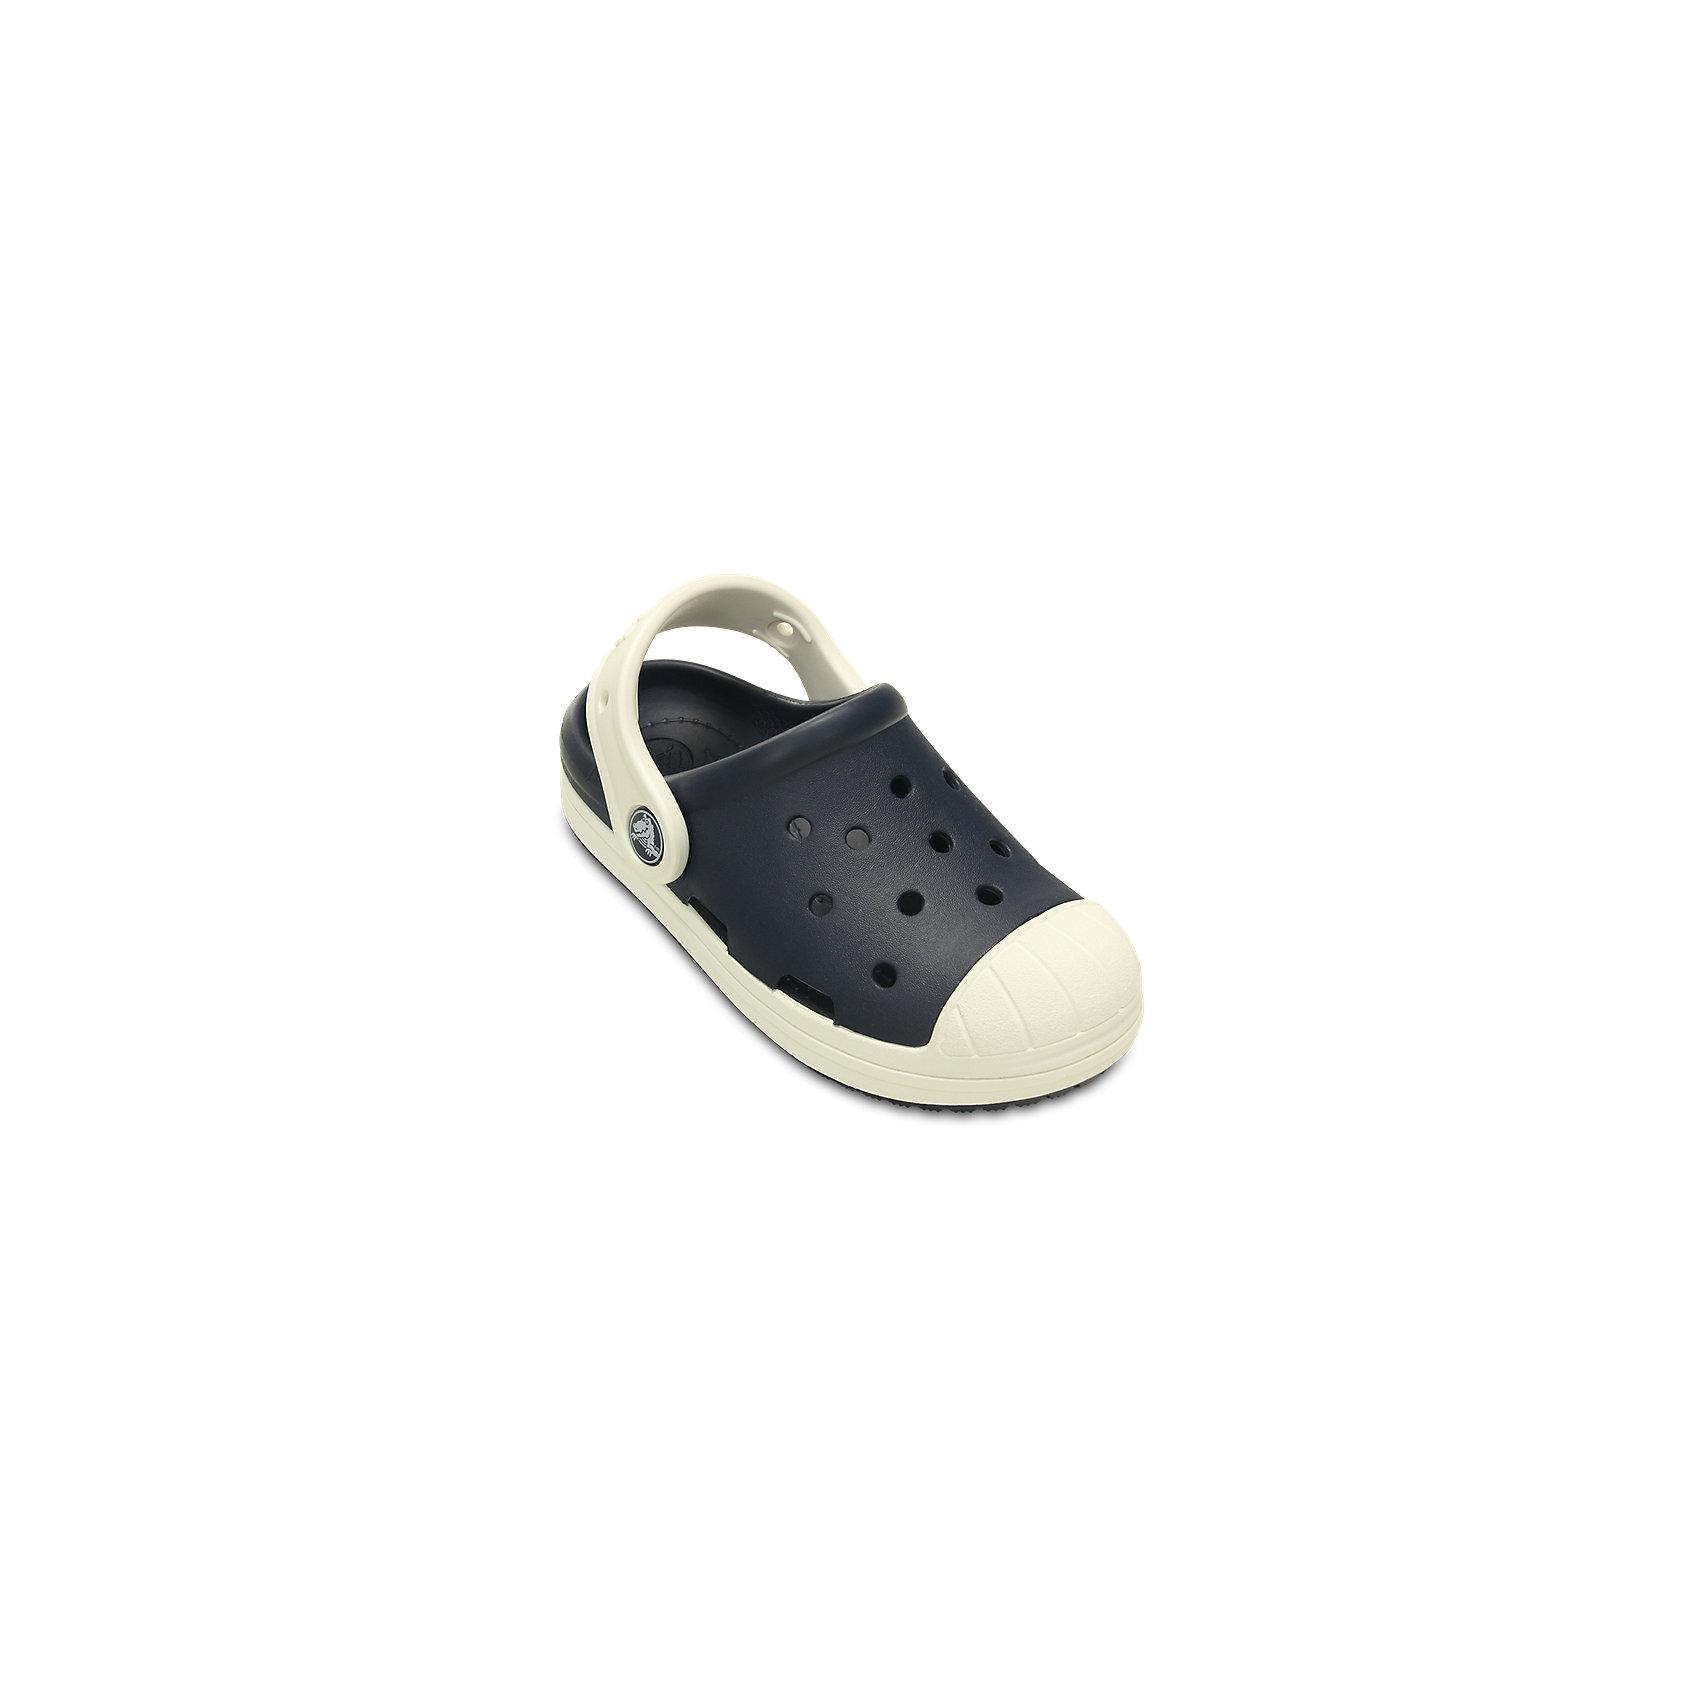 Сабо CROCS Bump It Clog, черныйПляжная обувь<br>Характеристики товара:<br><br>• цвет: черный<br>• материал: 100% полимер Croslite™<br>• литая модель<br>• вентиляционные отверстия<br>• бактериостатичный материал<br>• пяточный ремешок фиксирует стопу<br>• толстая устойчивая подошва<br>• страна бренда: США<br>• страна изготовитель: Китай<br><br>Сабо Kids' Crocs обеспечивают детям необходимый комфорт, а анатомическая стелька с массажными линиями для стимуляции кровообращения позволяет ножкам дольше не уставать. <br><br>Сабо легко надеваются и снимаются, отлично сидят на ноге. <br><br>Материал, из которого они сделаны, не дает размножаться бактериям, поэтому такая обувь препятствует образованию неприятного запаха и появлению болезней стоп. <br><br>Изделие производится из качественных и проверенных материалов, которые безопасны для детей.<br><br>Сабо Kids' Crocs Bump It Clog от торговой марки Crocs можно купить в нашем интернет-магазине.<br><br>Ширина мм: 225<br>Глубина мм: 139<br>Высота мм: 112<br>Вес г: 290<br>Цвет: серый<br>Возраст от месяцев: 36<br>Возраст до месяцев: 48<br>Пол: Унисекс<br>Возраст: Детский<br>Размер: 34/35,27,28,29,30,23,24,25,26,31/32,33/34<br>SKU: 5416322